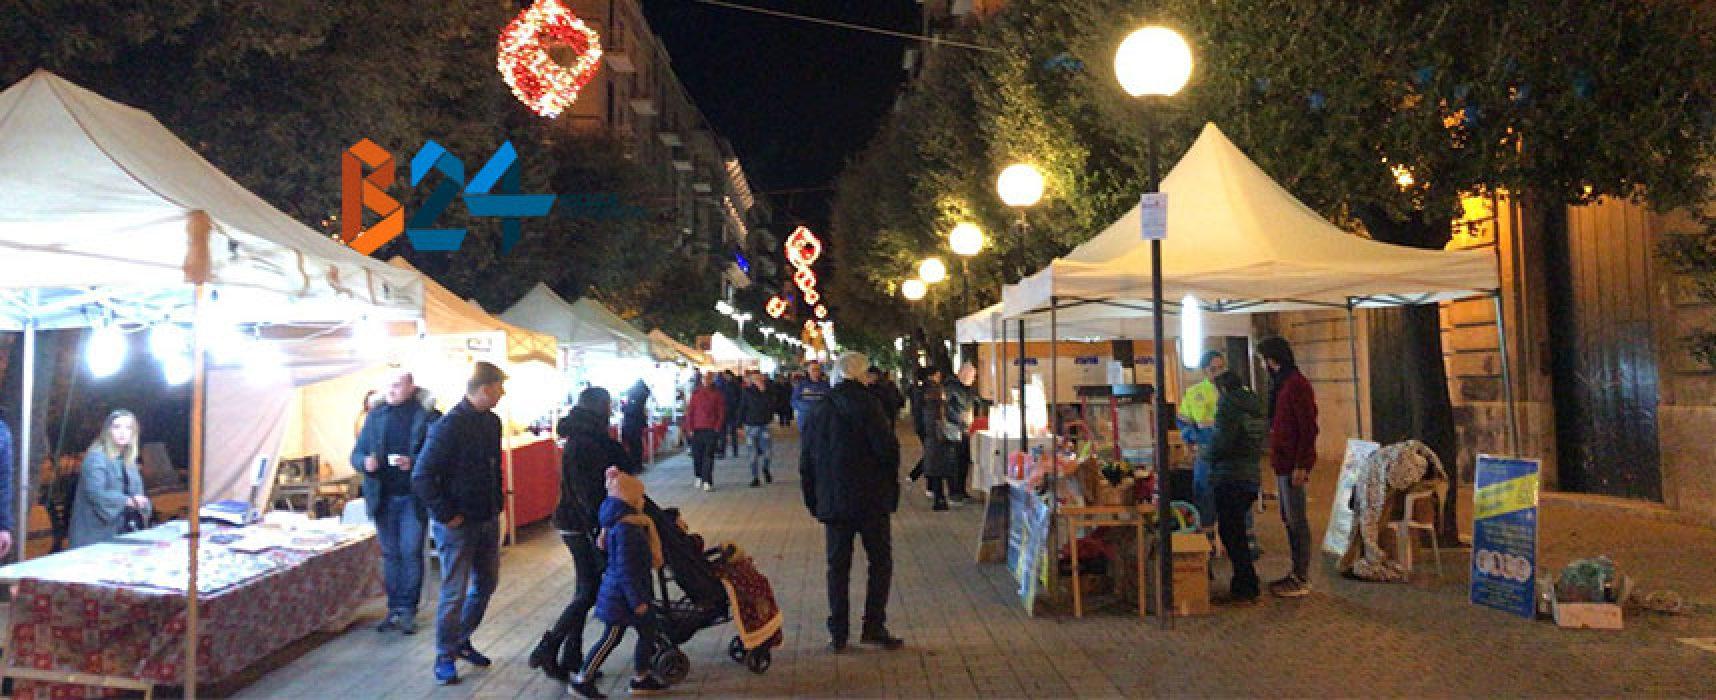 Via Aldo Moro in festa con due iniziative natalizie a cura della Fondazione Dcl